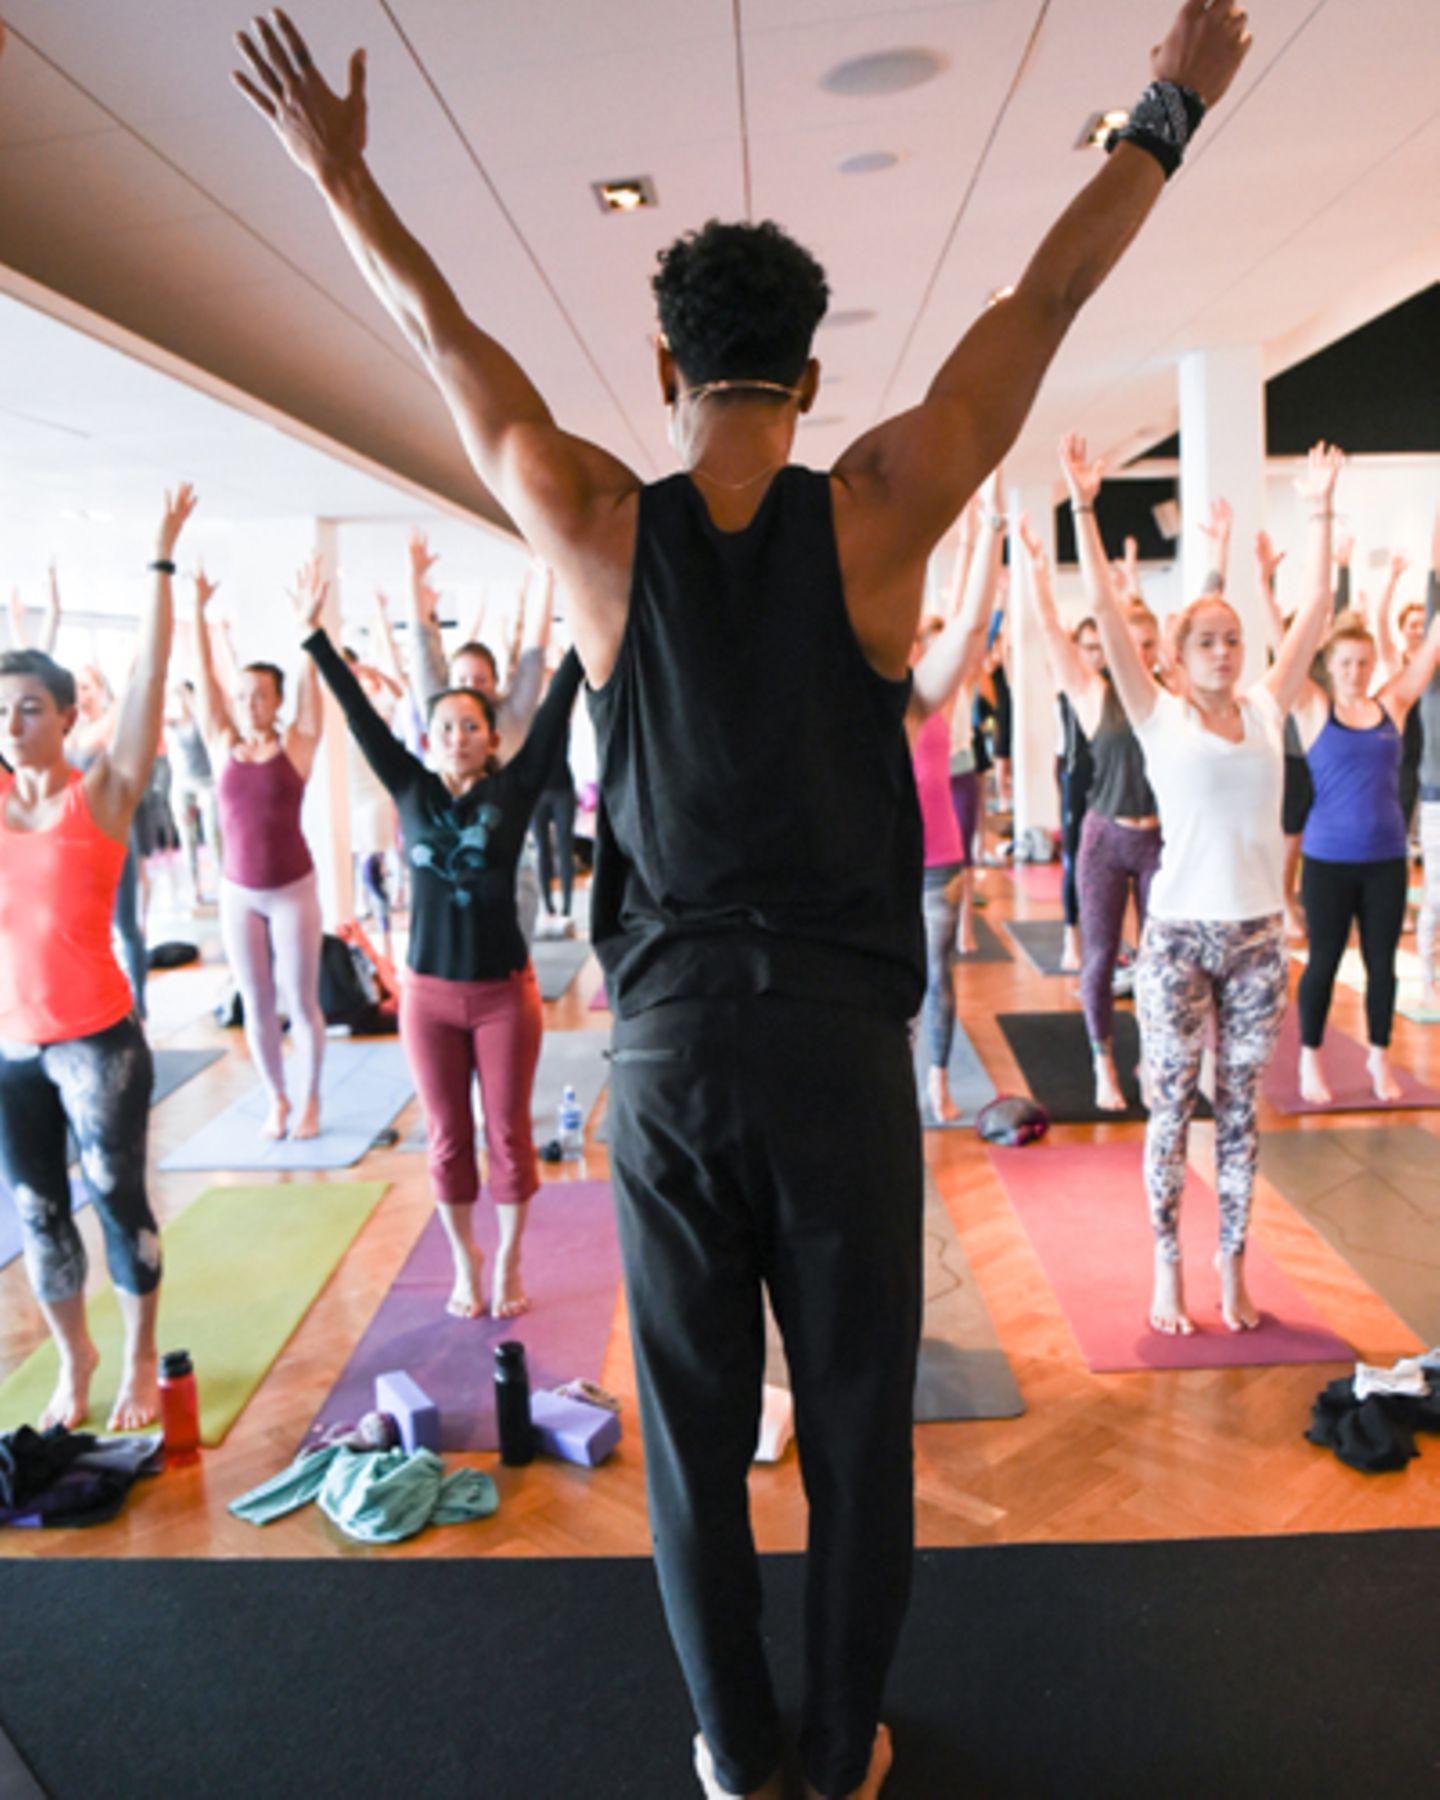 22.-24. April: Yoga-Games in Göteborg